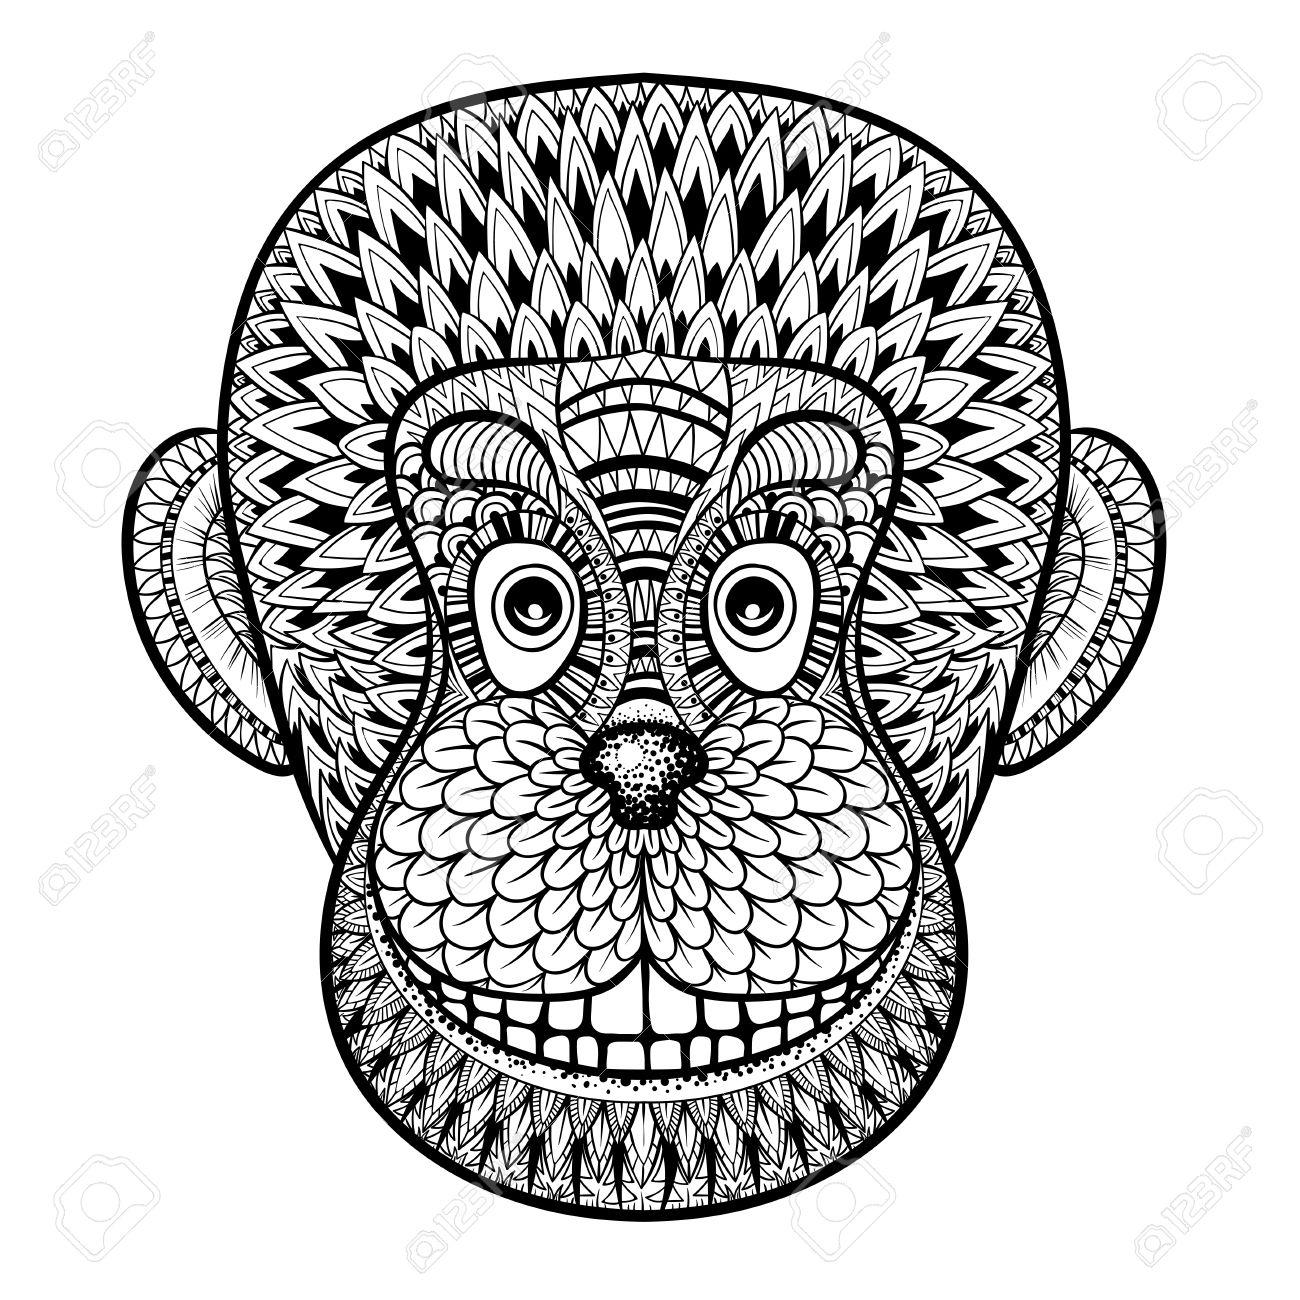 Coloriage Avec Tête De Singe, Gorille, Illustration Zentangle Pour Adultes  Anti-Stress Coloriage Livres Ou Conception De Uage Avec Des Détails encequiconcerne Coloriage Gorille